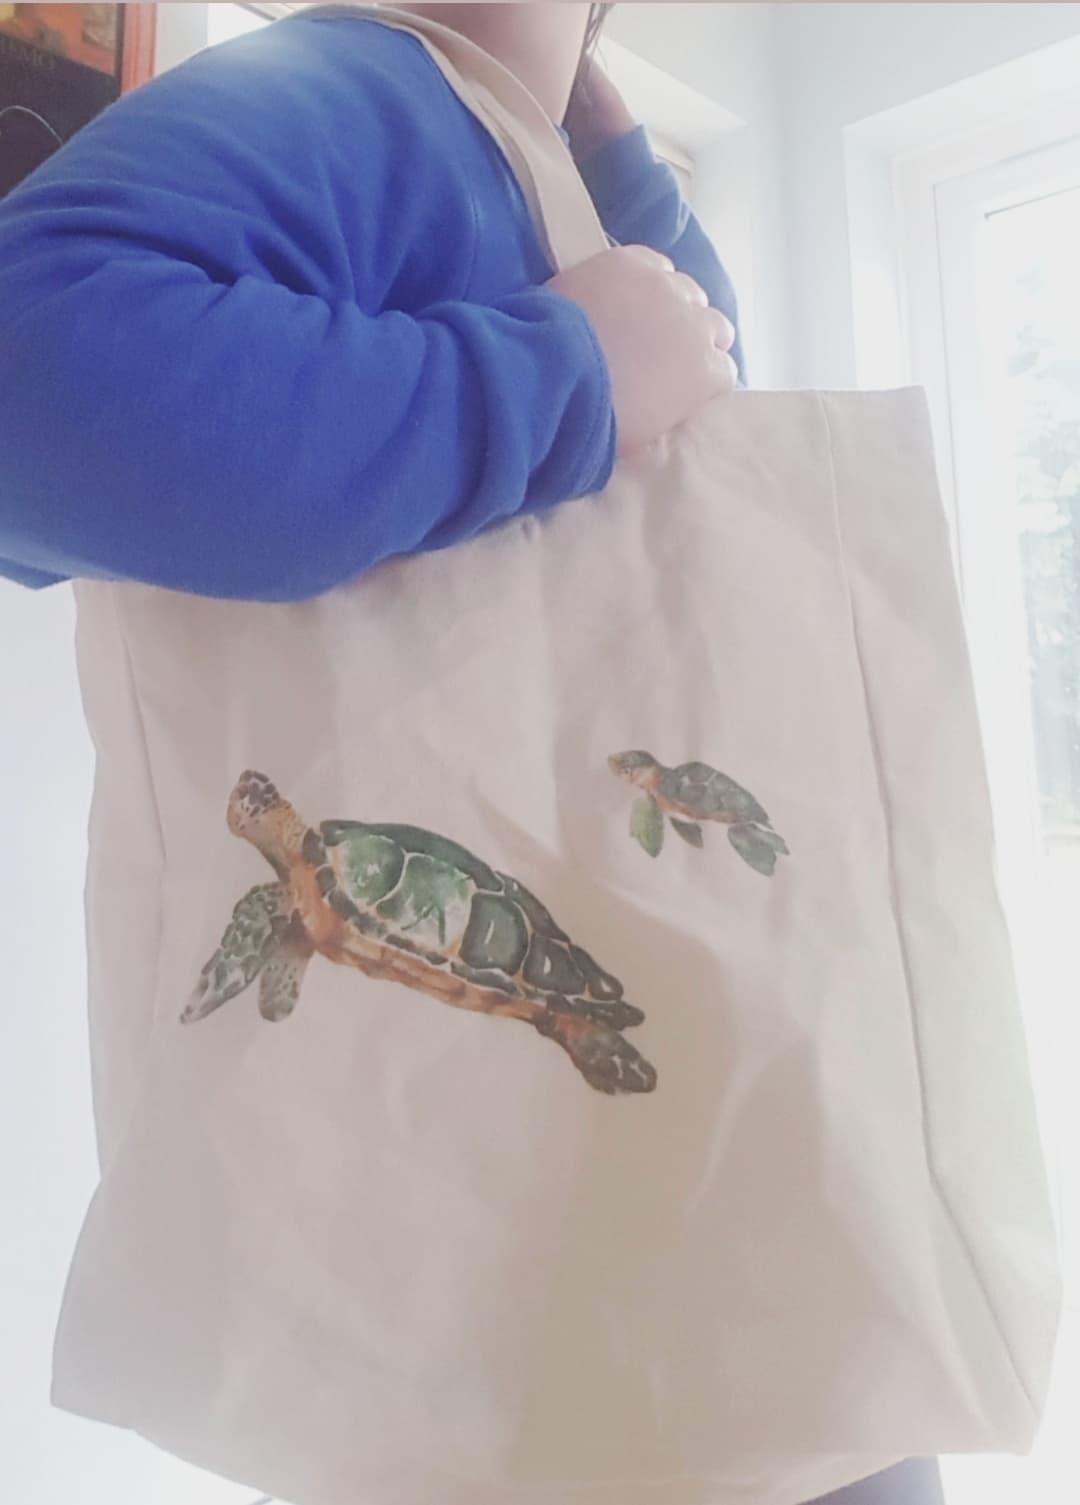 Net Zero Co Review - Zero Waste Reusable Canvas Bag